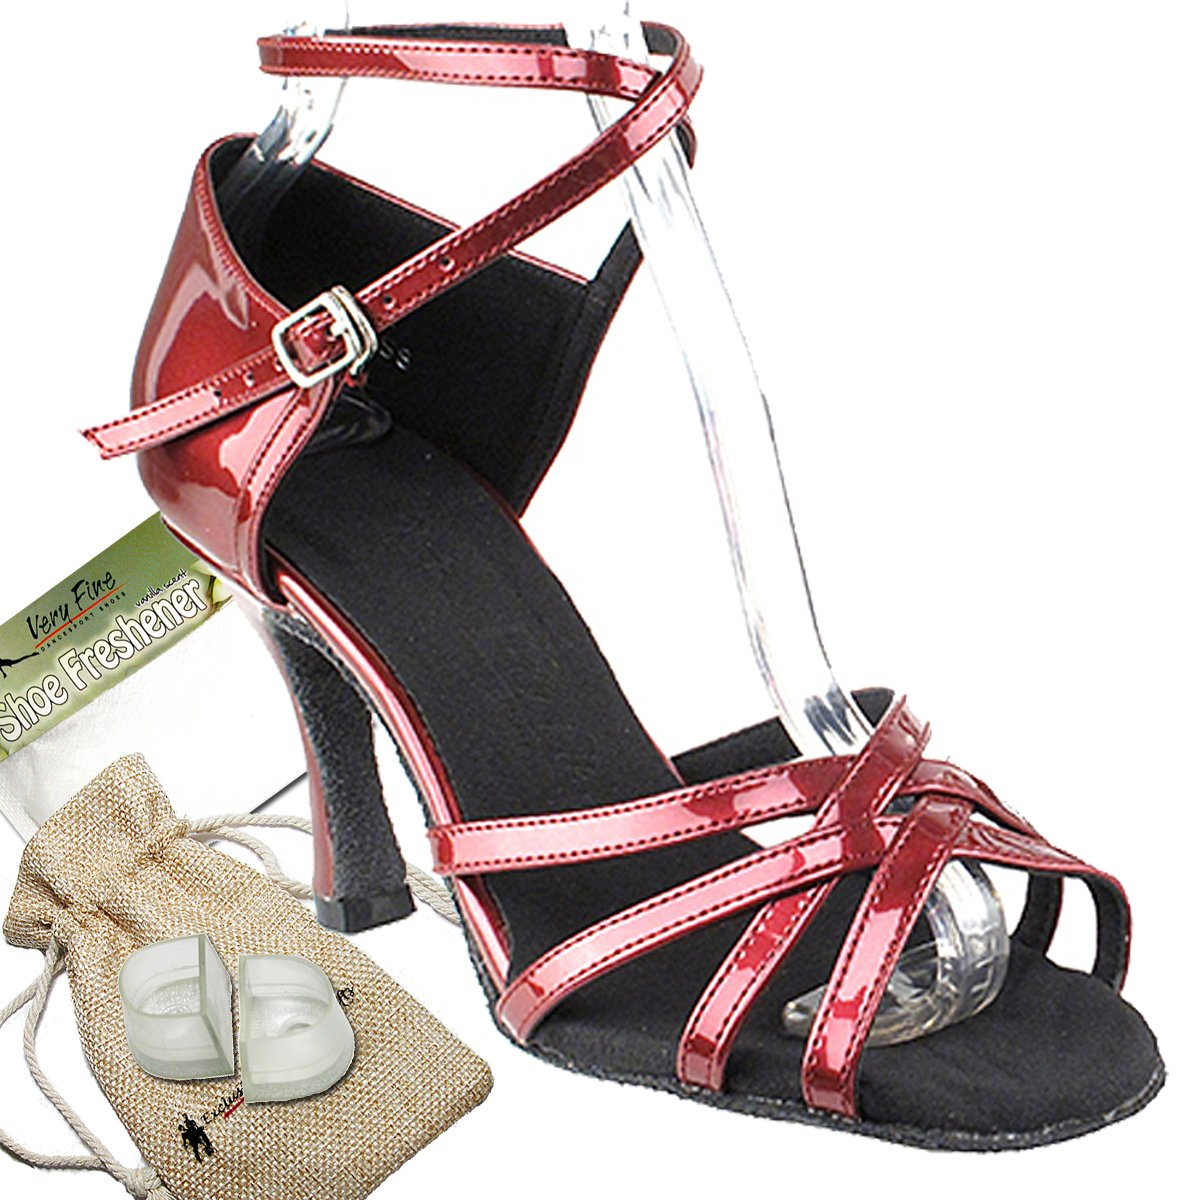 新作モデル [Very Fine US Shoes] B(M) レディース B075M8B9FR Shoes] 4.5 B(M) US|Pearl Rose Pearl Rose 4.5 B(M) US, 【海外輸入】:2e29a770 --- a0267596.xsph.ru